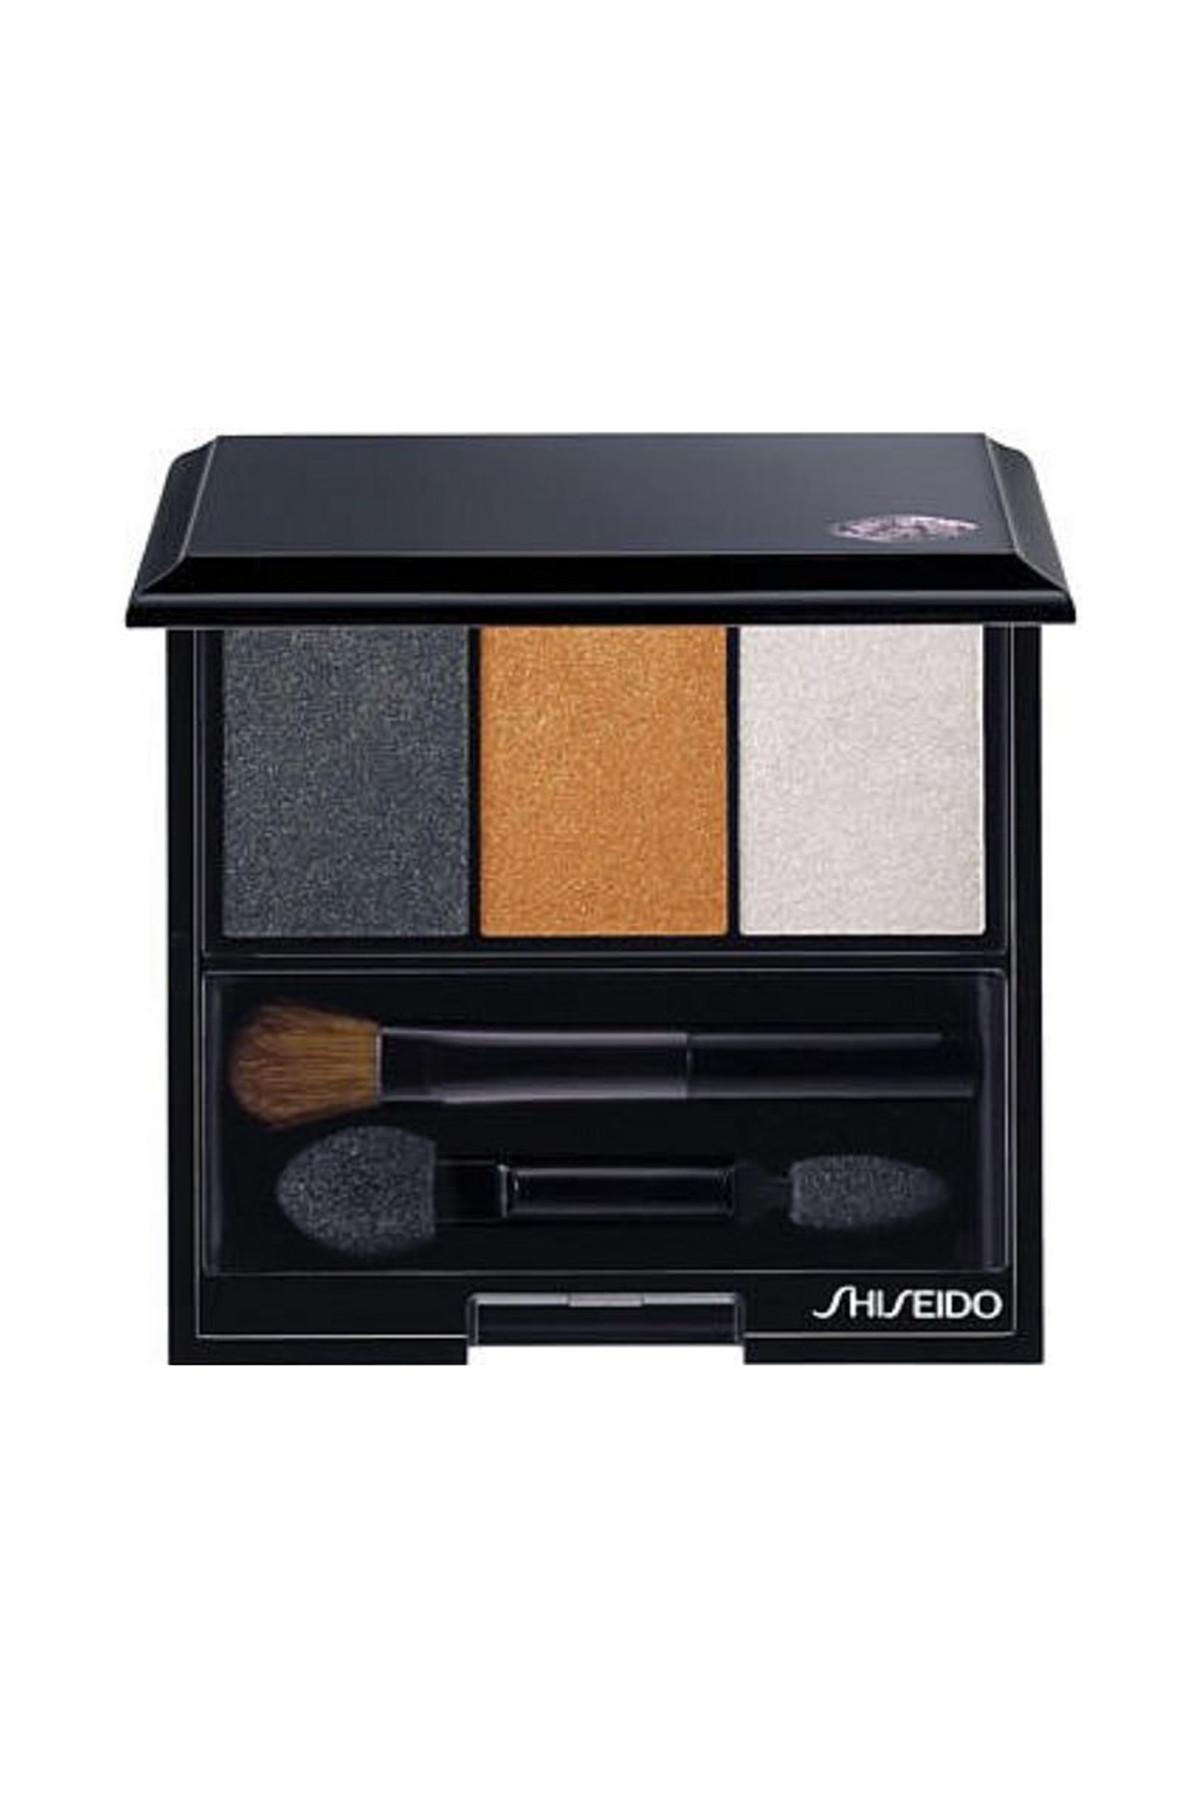 Shiseido Saten bitişli 3'lü Göz Farı - Luminizing Satin Eye Color Trio OR302 729238105225 2